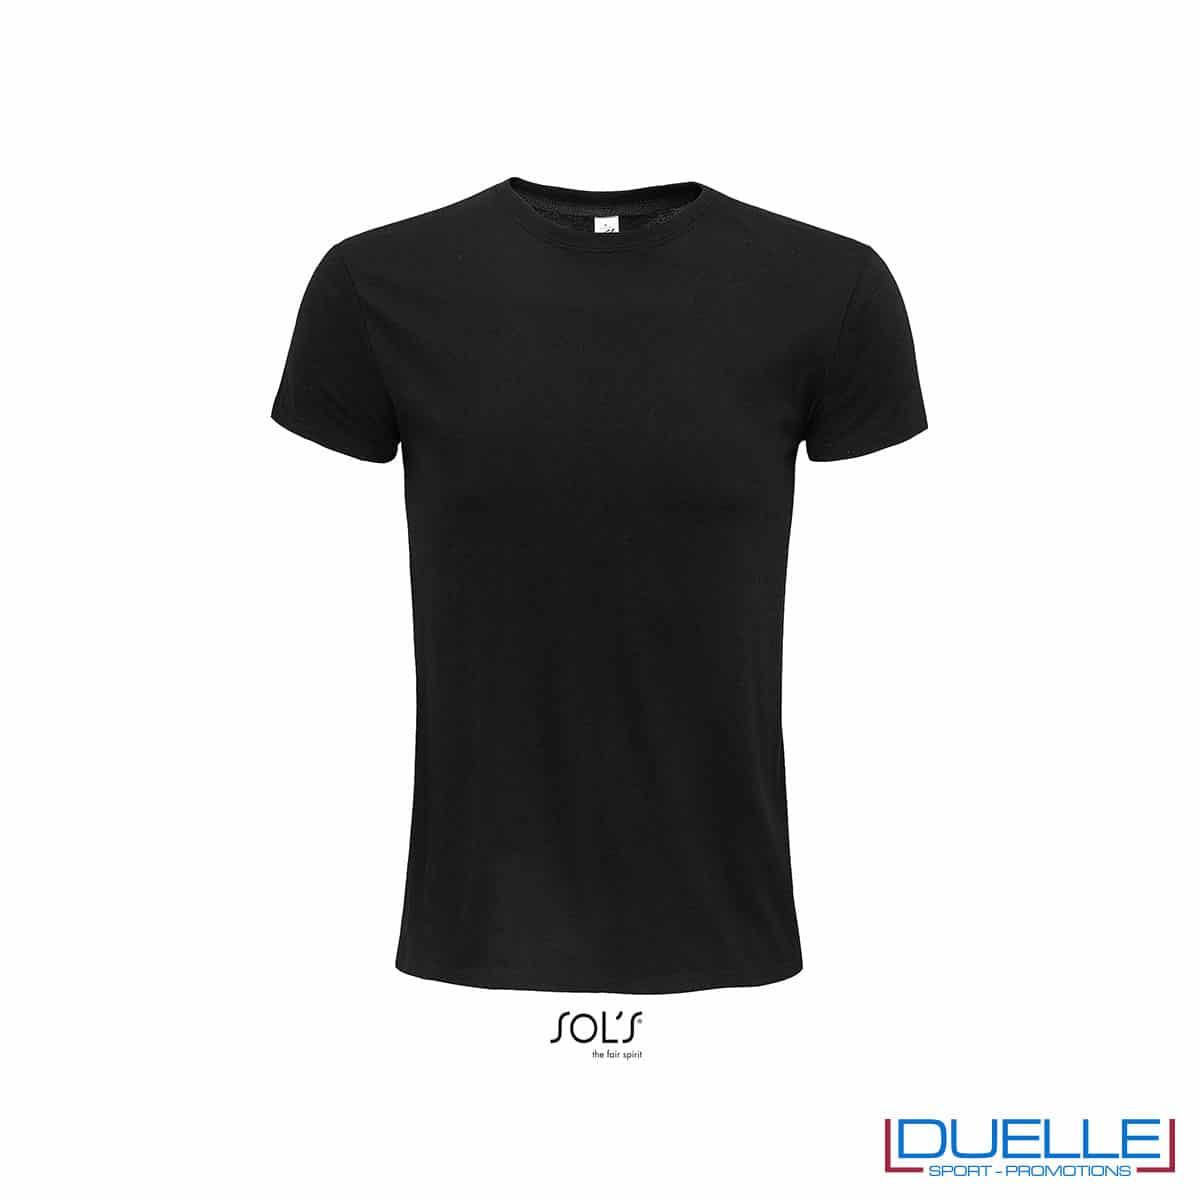 T-shirt ecosostenibile in cotone biologico colore nero personalizzata